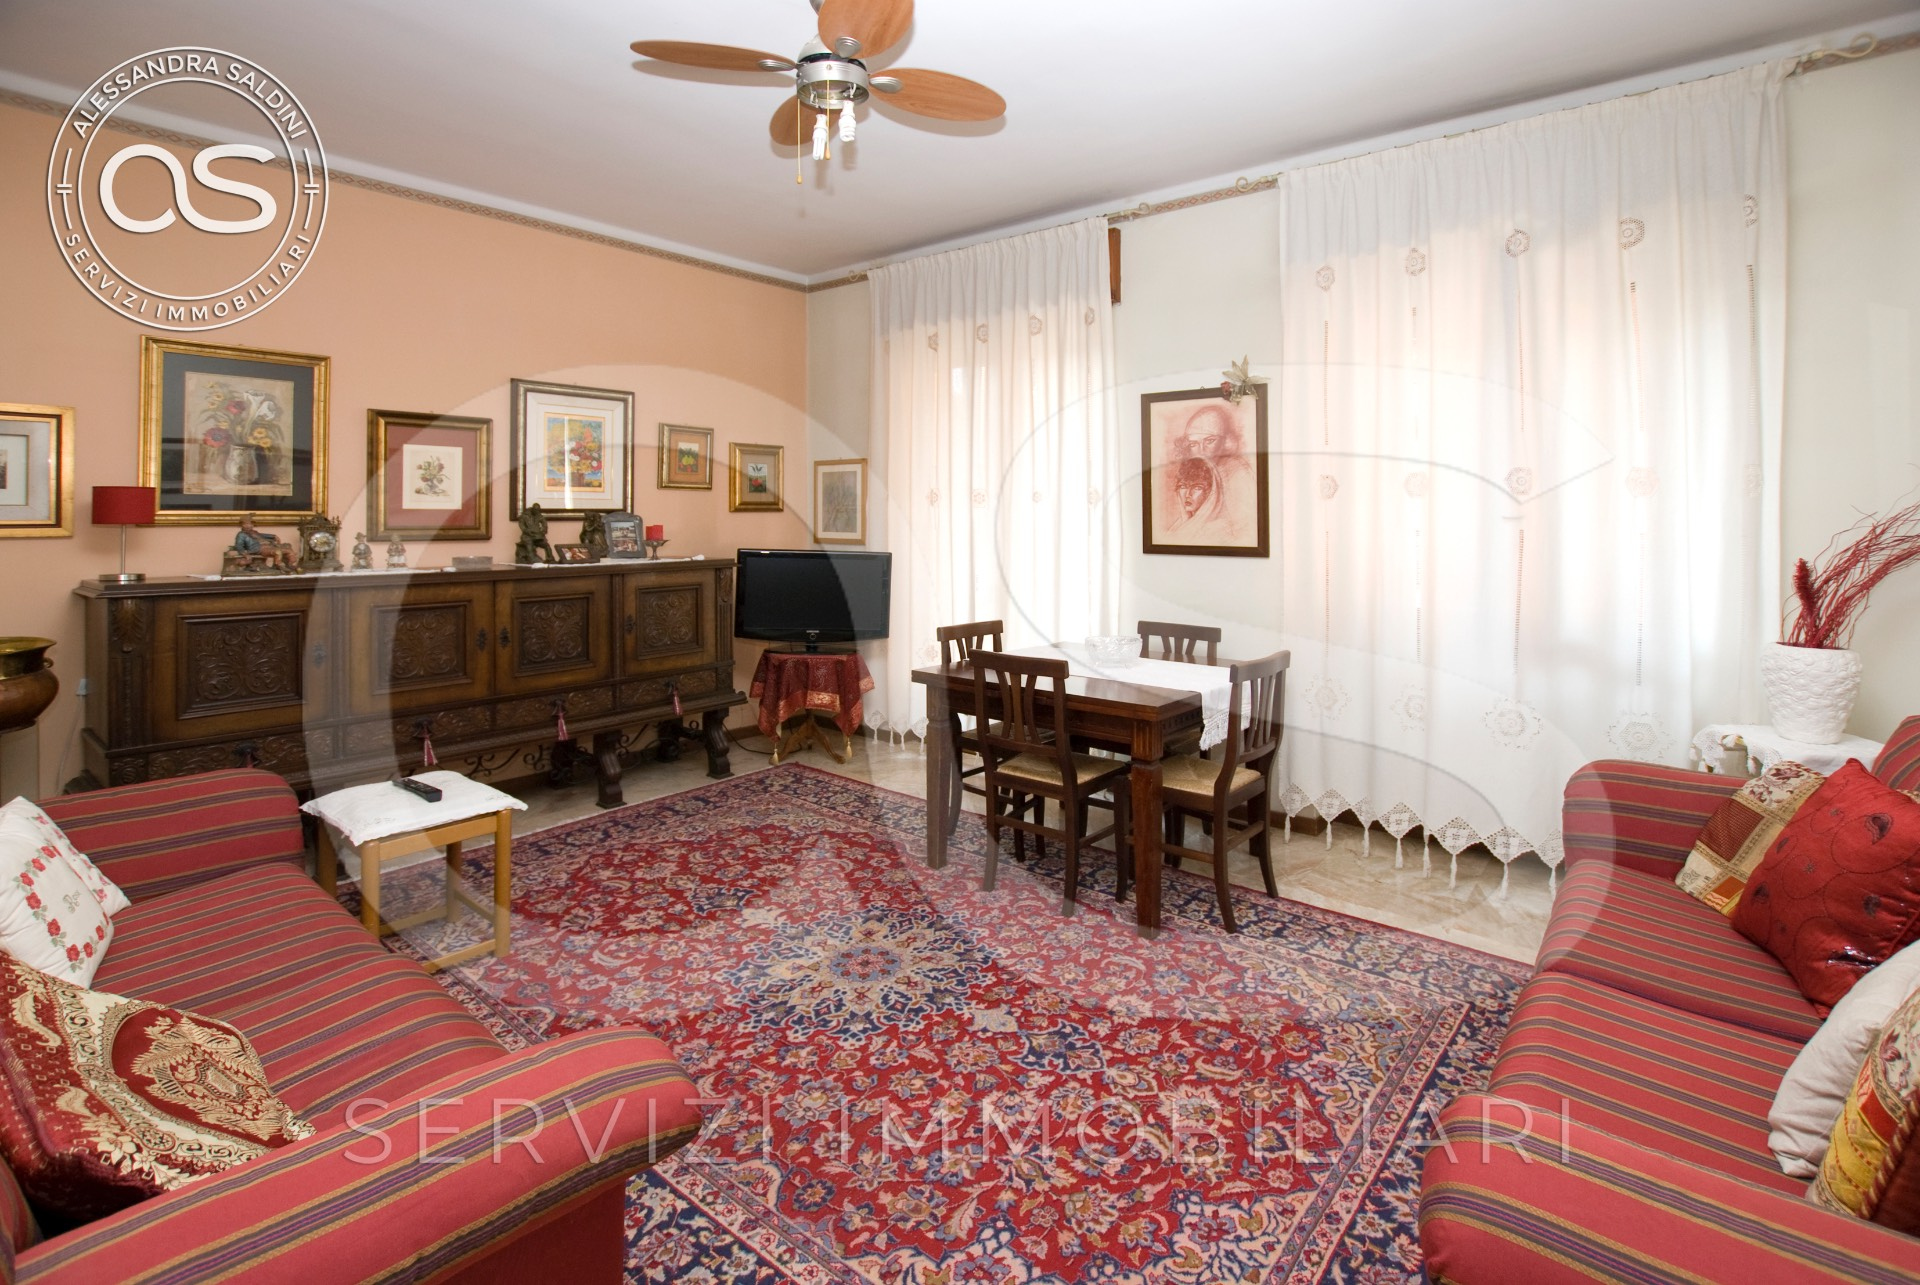 Appartamento in vendita a Manerbio, 3 locali, prezzo € 108.000 | CambioCasa.it